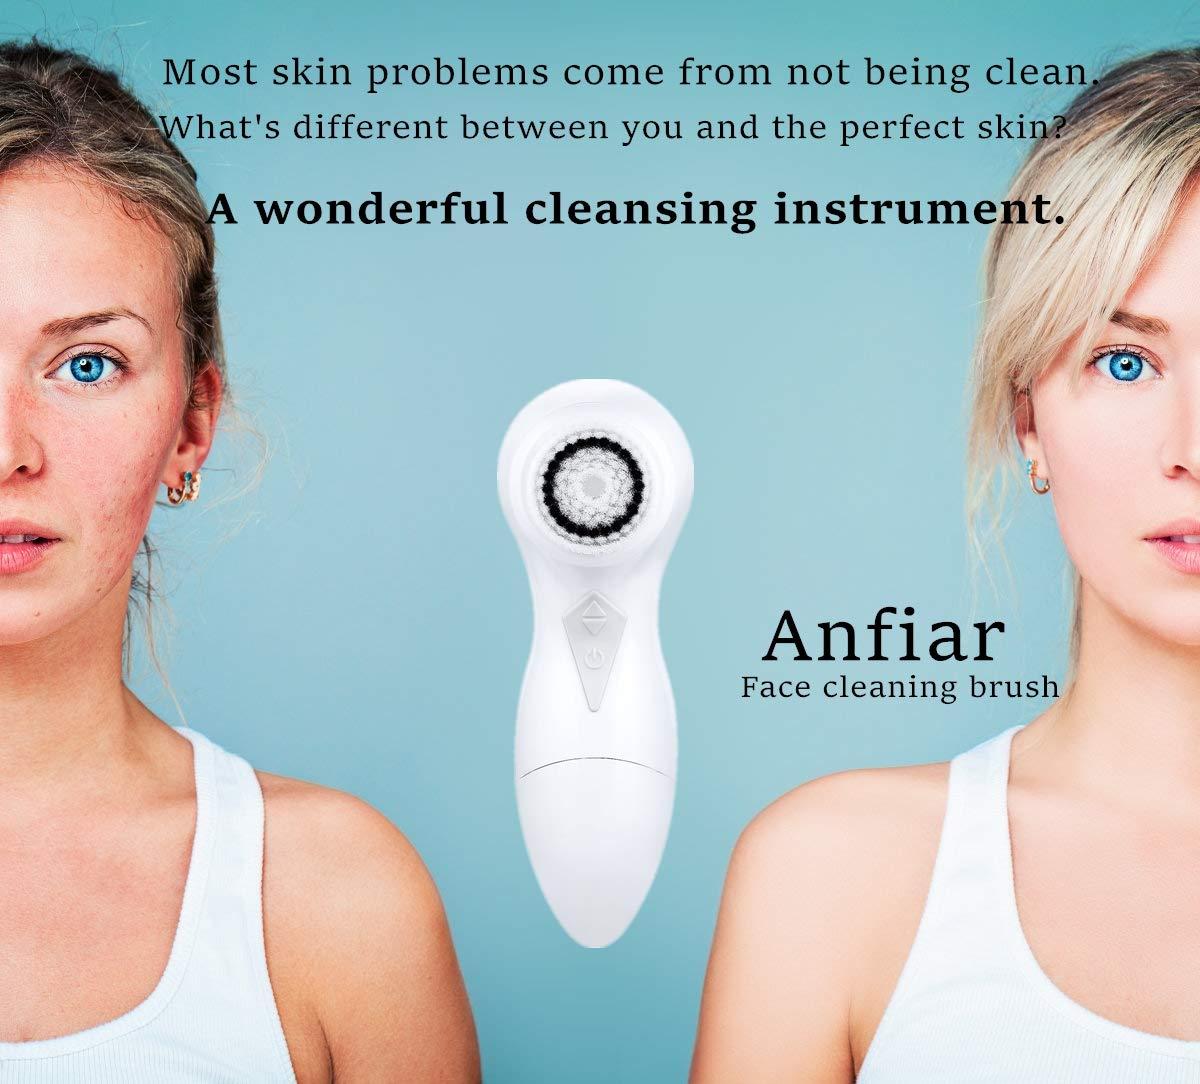 Mieres - Cepillo de limpieza facial ultrasónico con 2 ajustes de velocidad, impermeable, eléctrico, limpiador facial y exfoliador